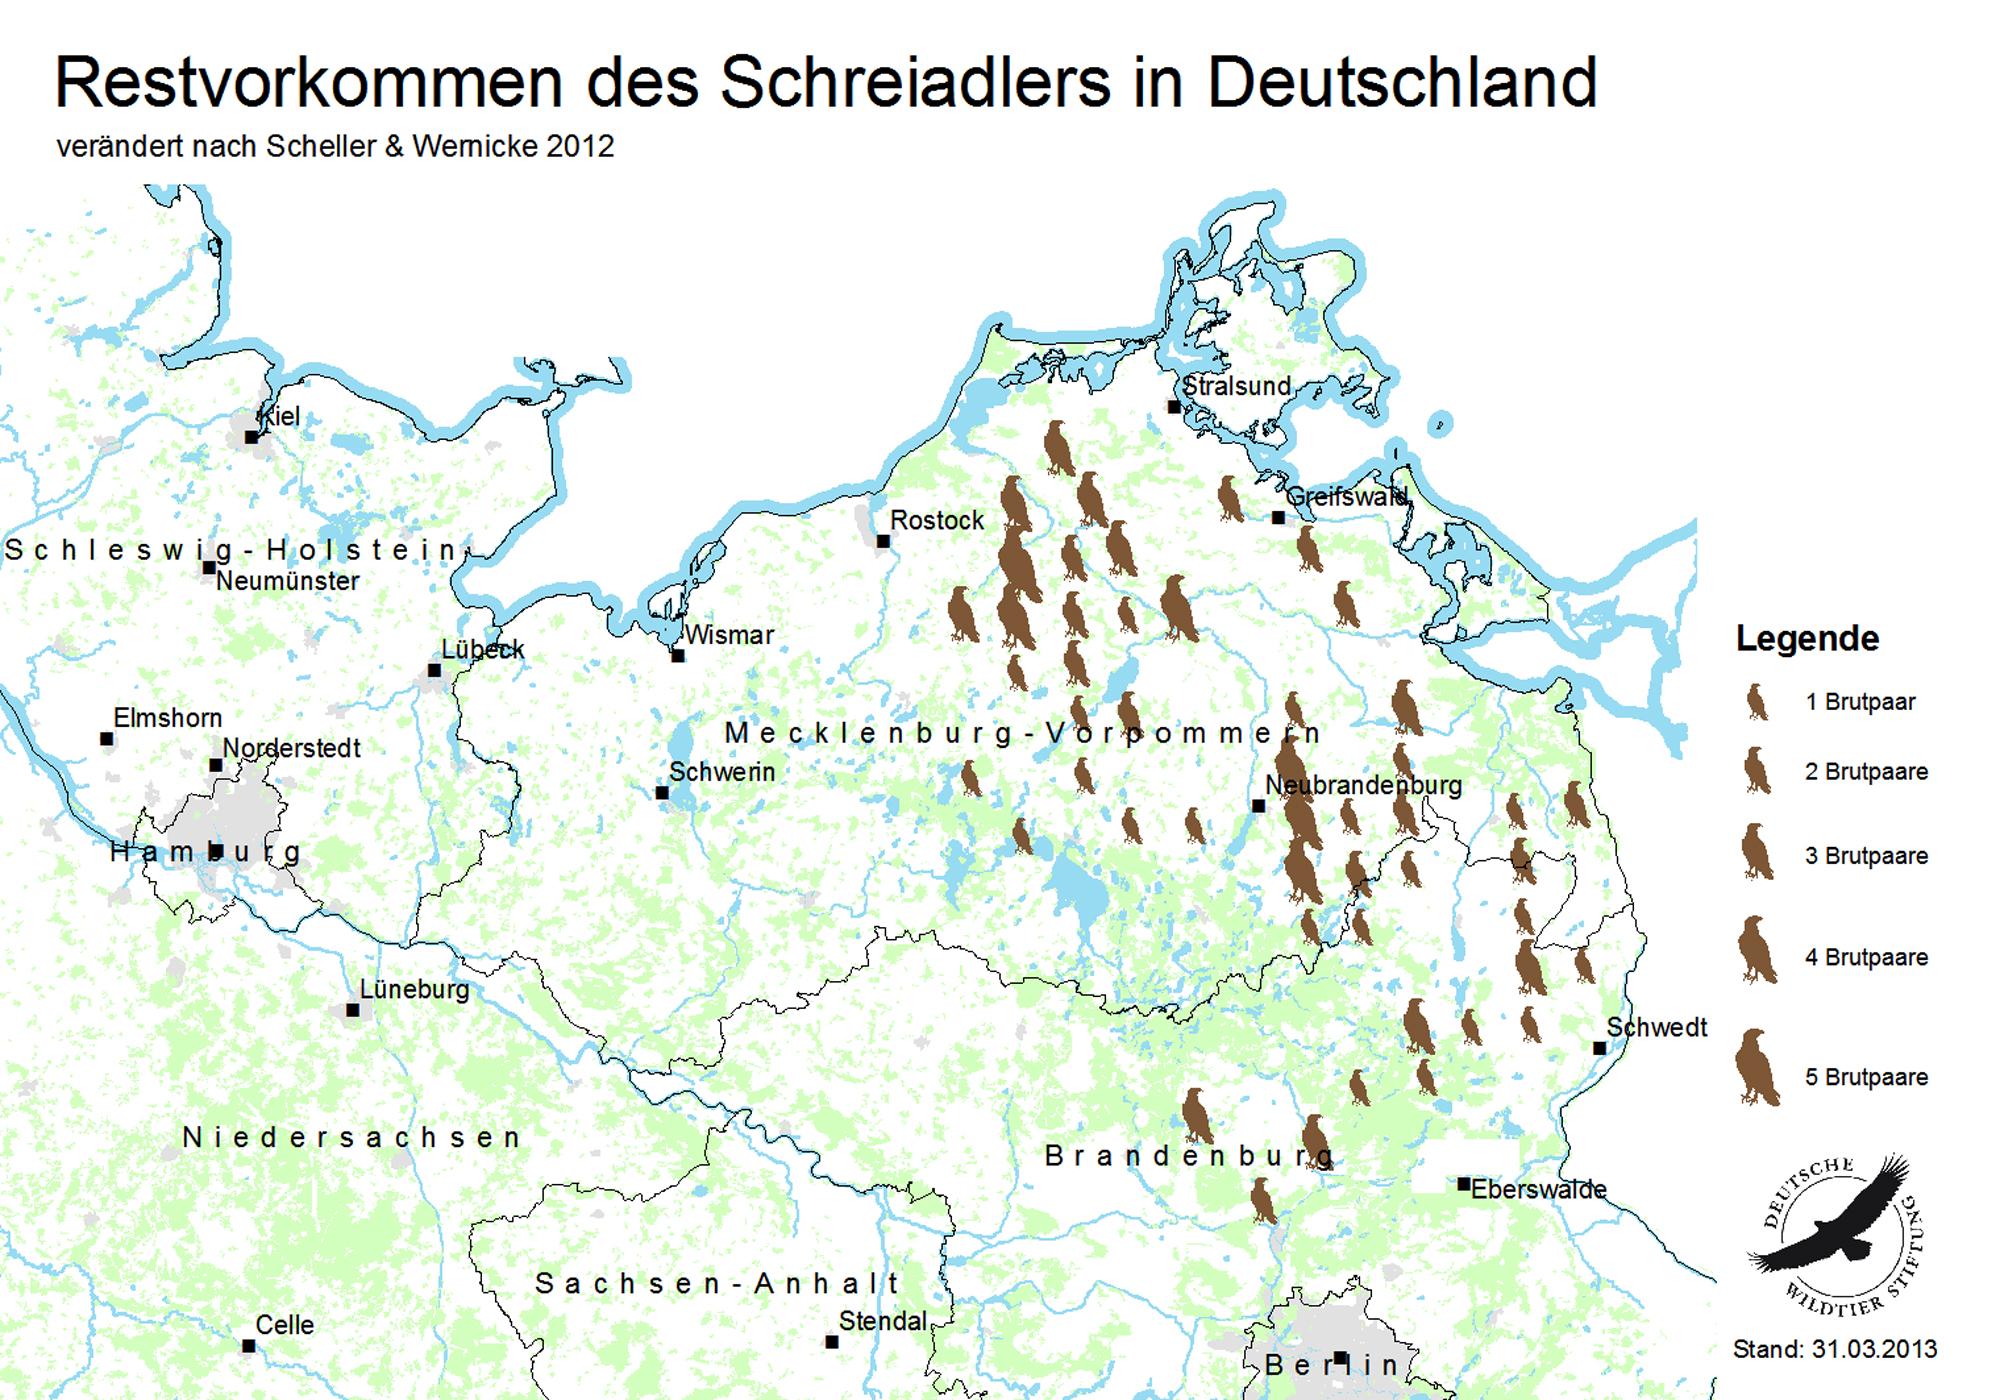 Verbreitungskarte: Das Vorkommen des Schreiadlers in Deutschland